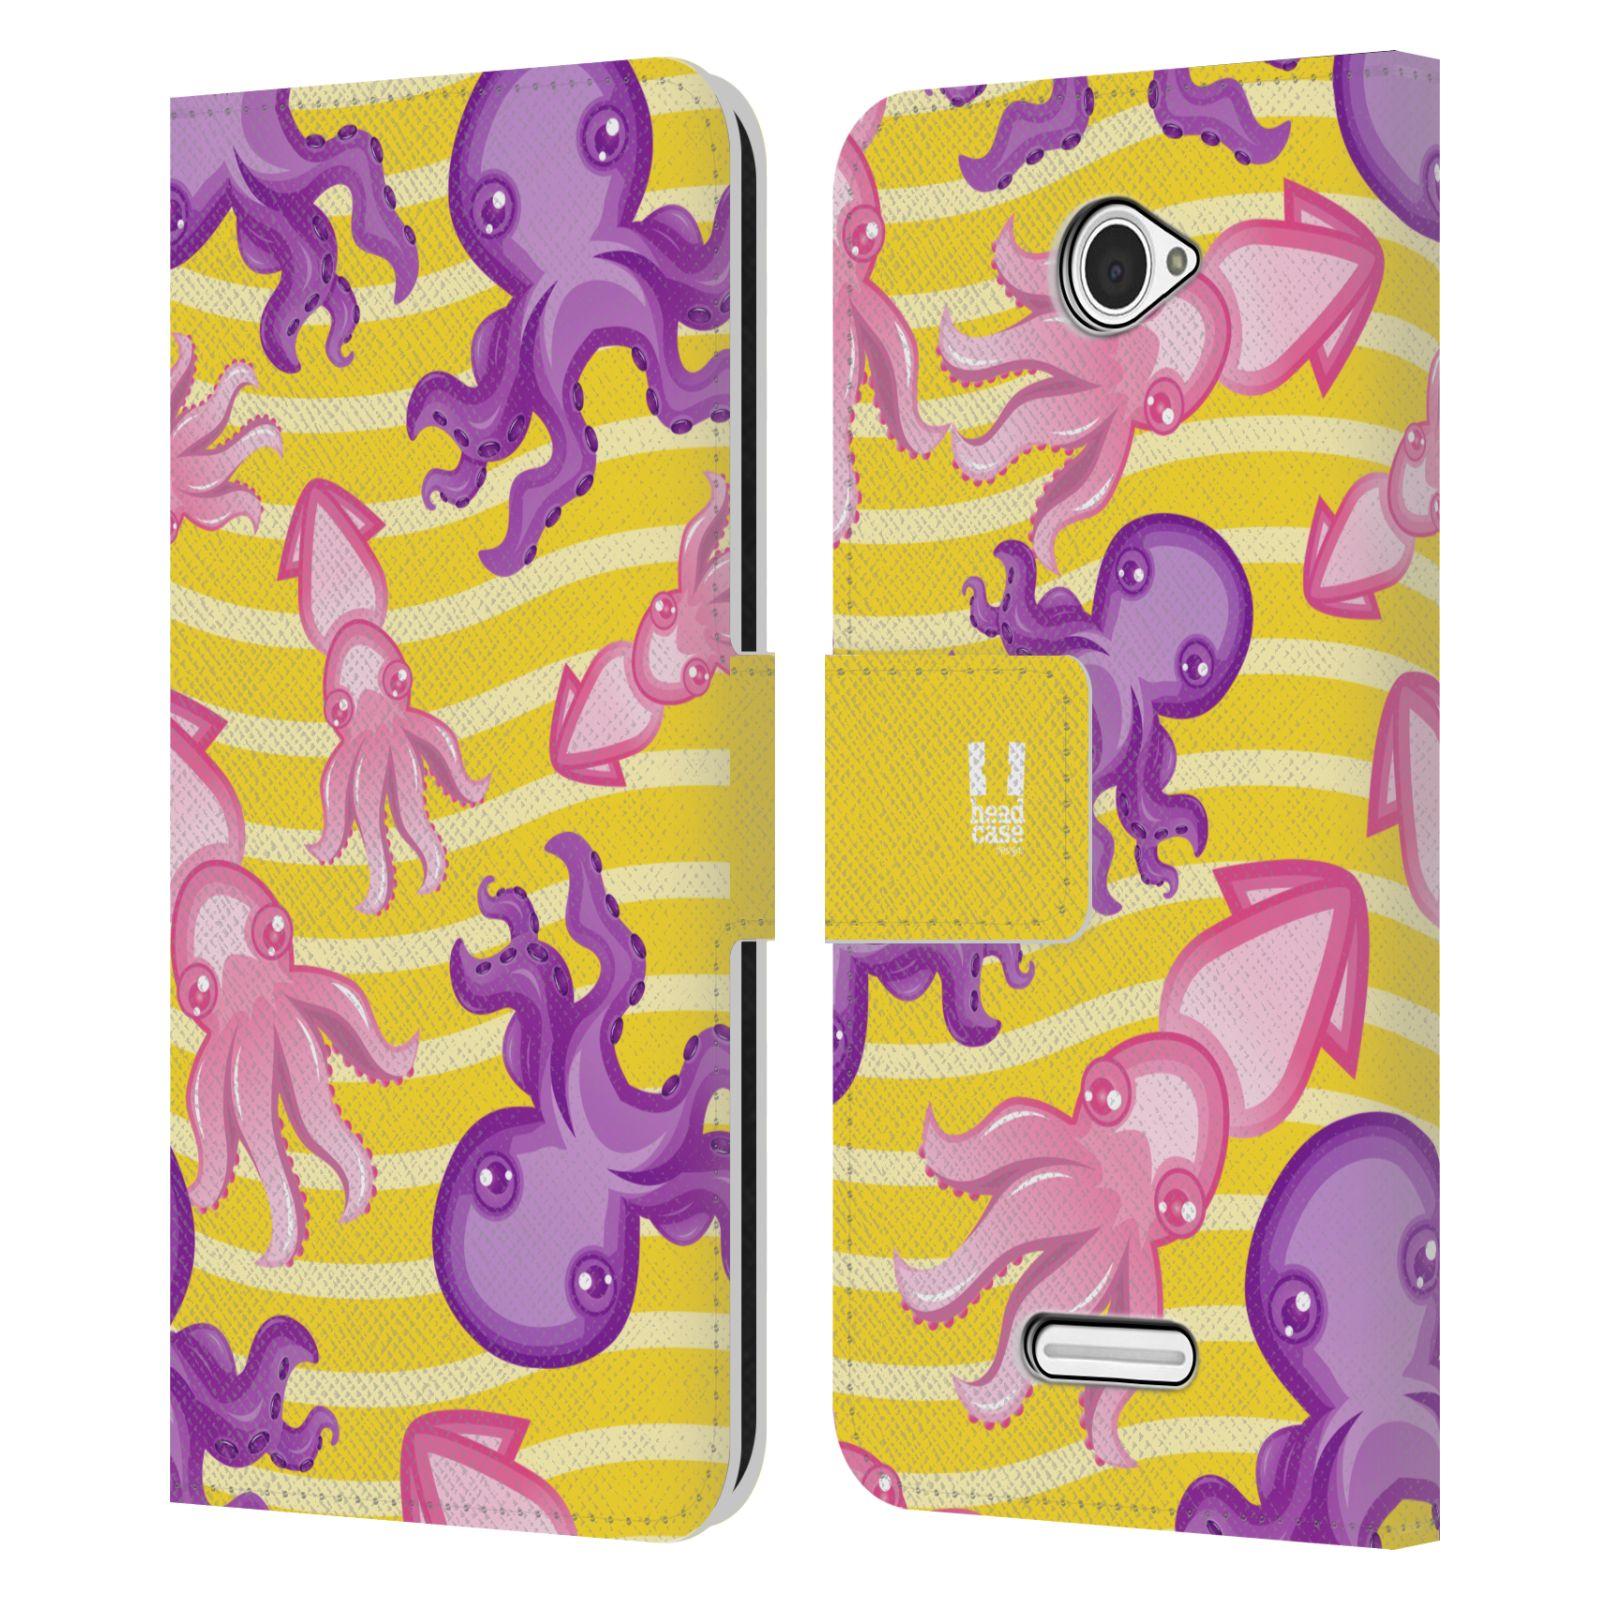 HEAD CASE Flipové pouzdro pro mobil SONY XPERIA E4 Mořský živočich chobotnice a krakatice žlutá barva